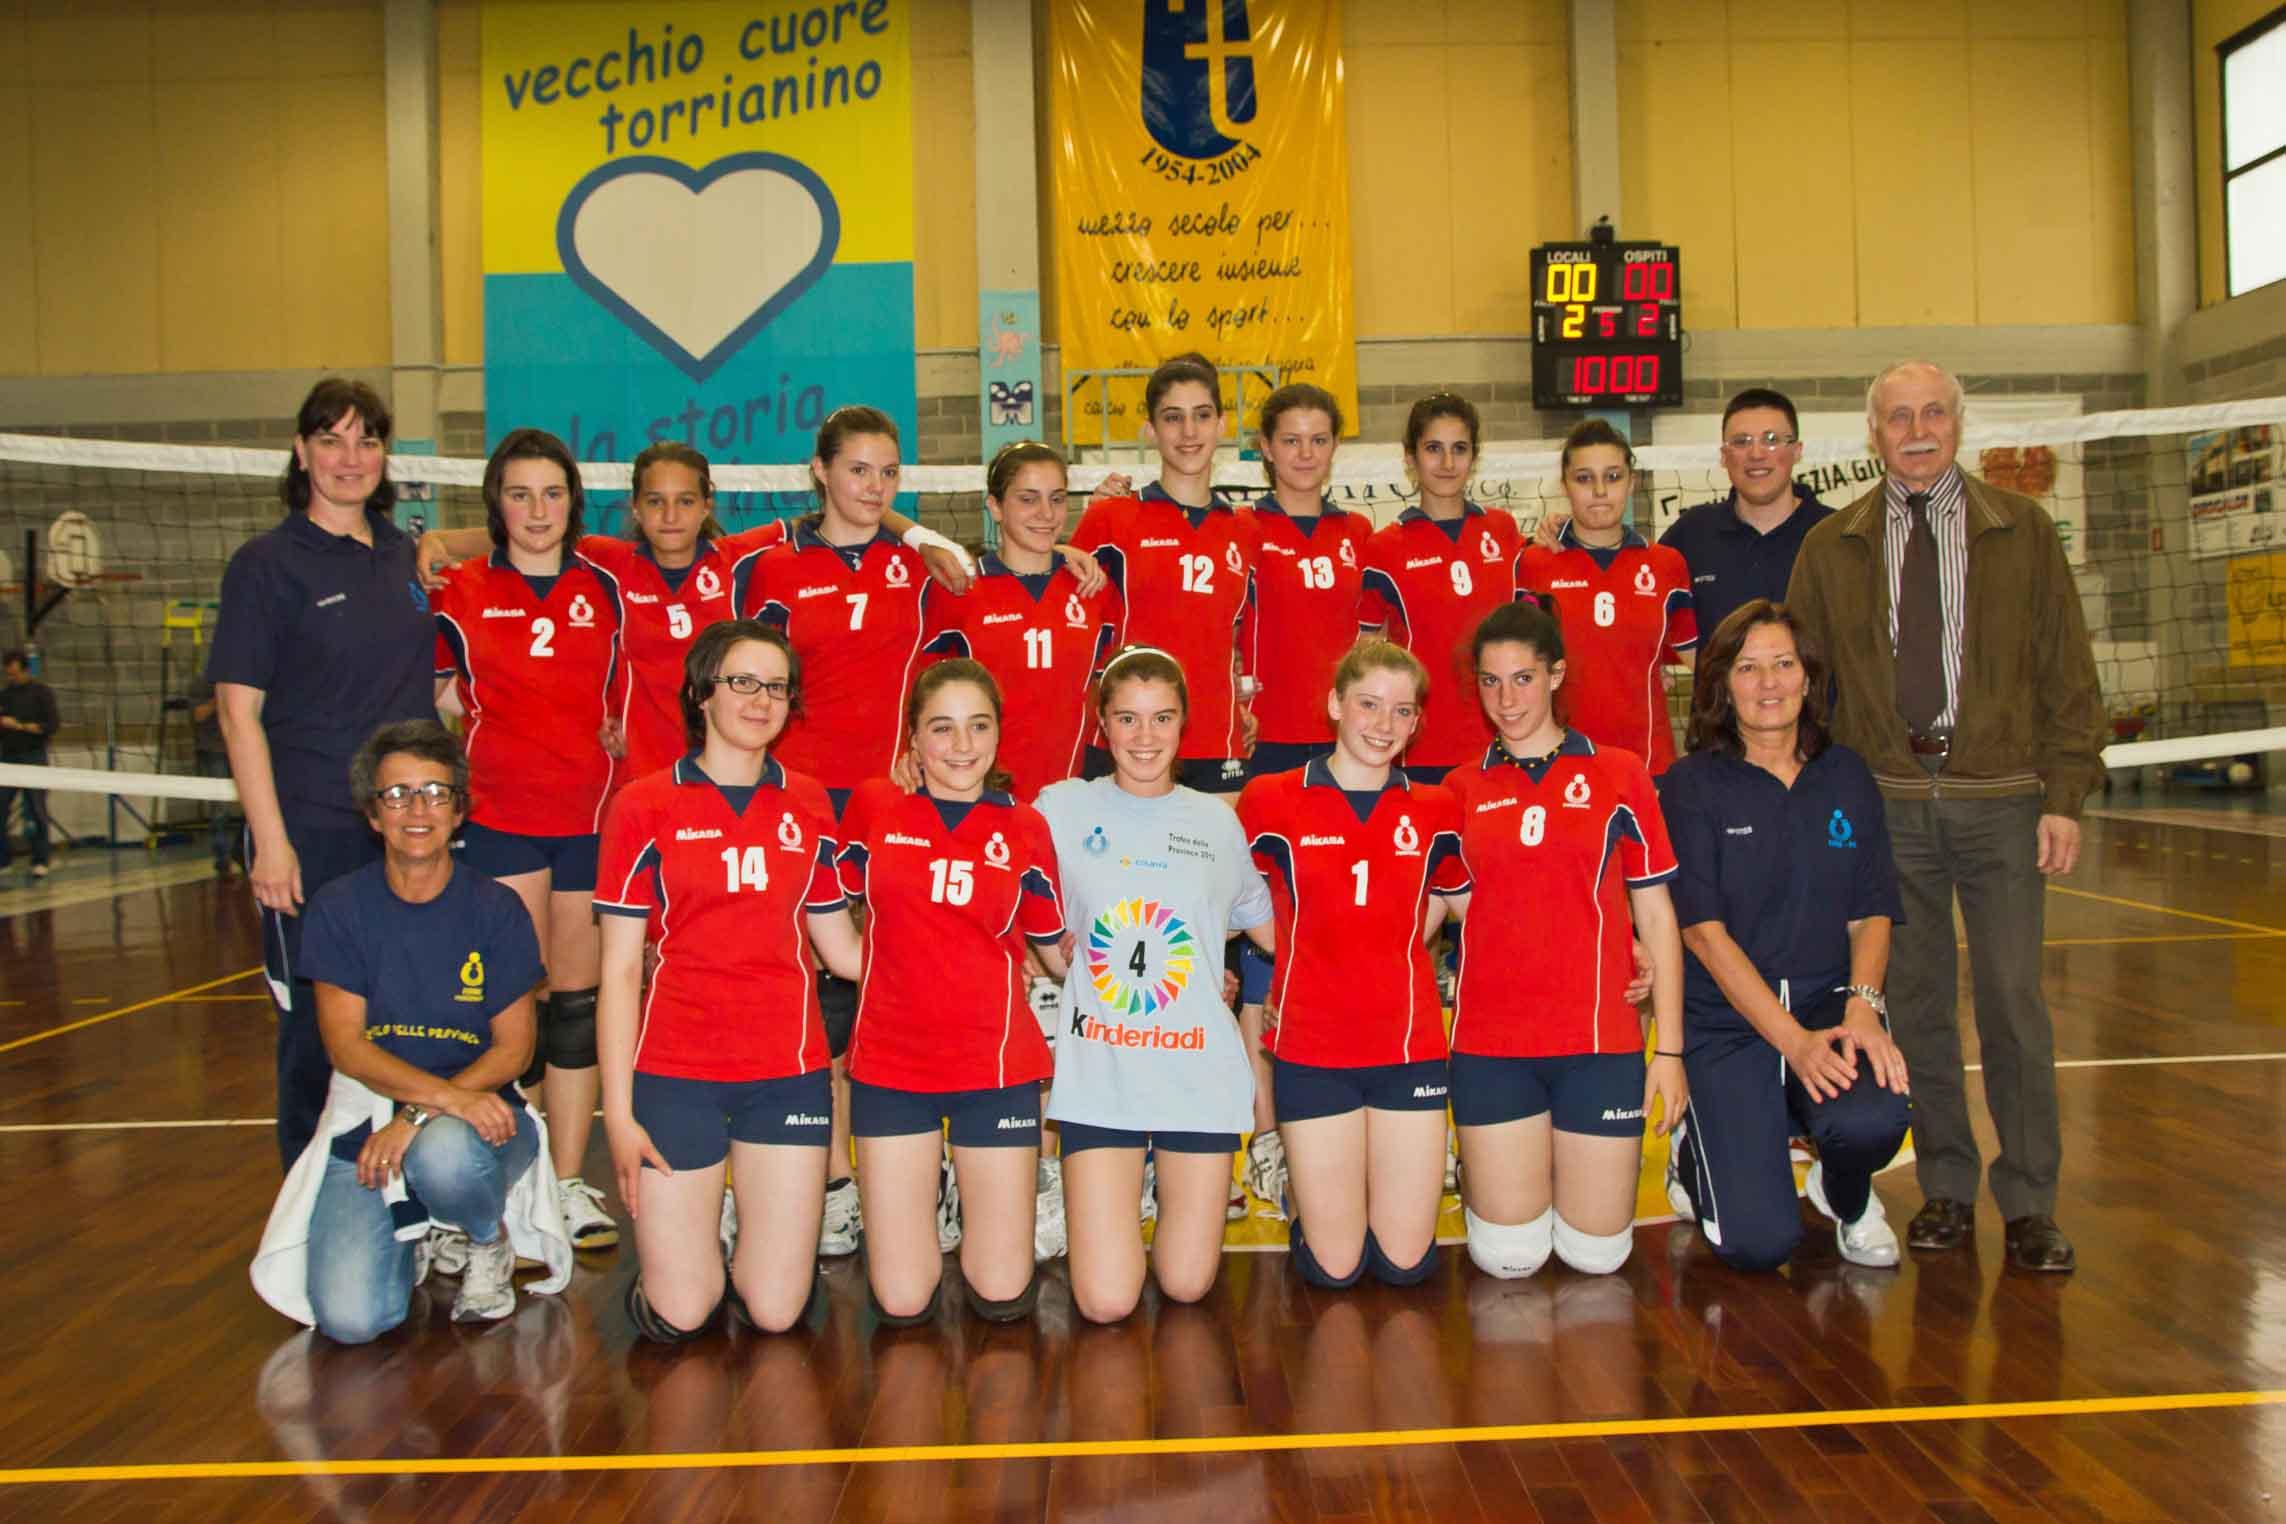 finale trofeo delle province 056_modificato-1